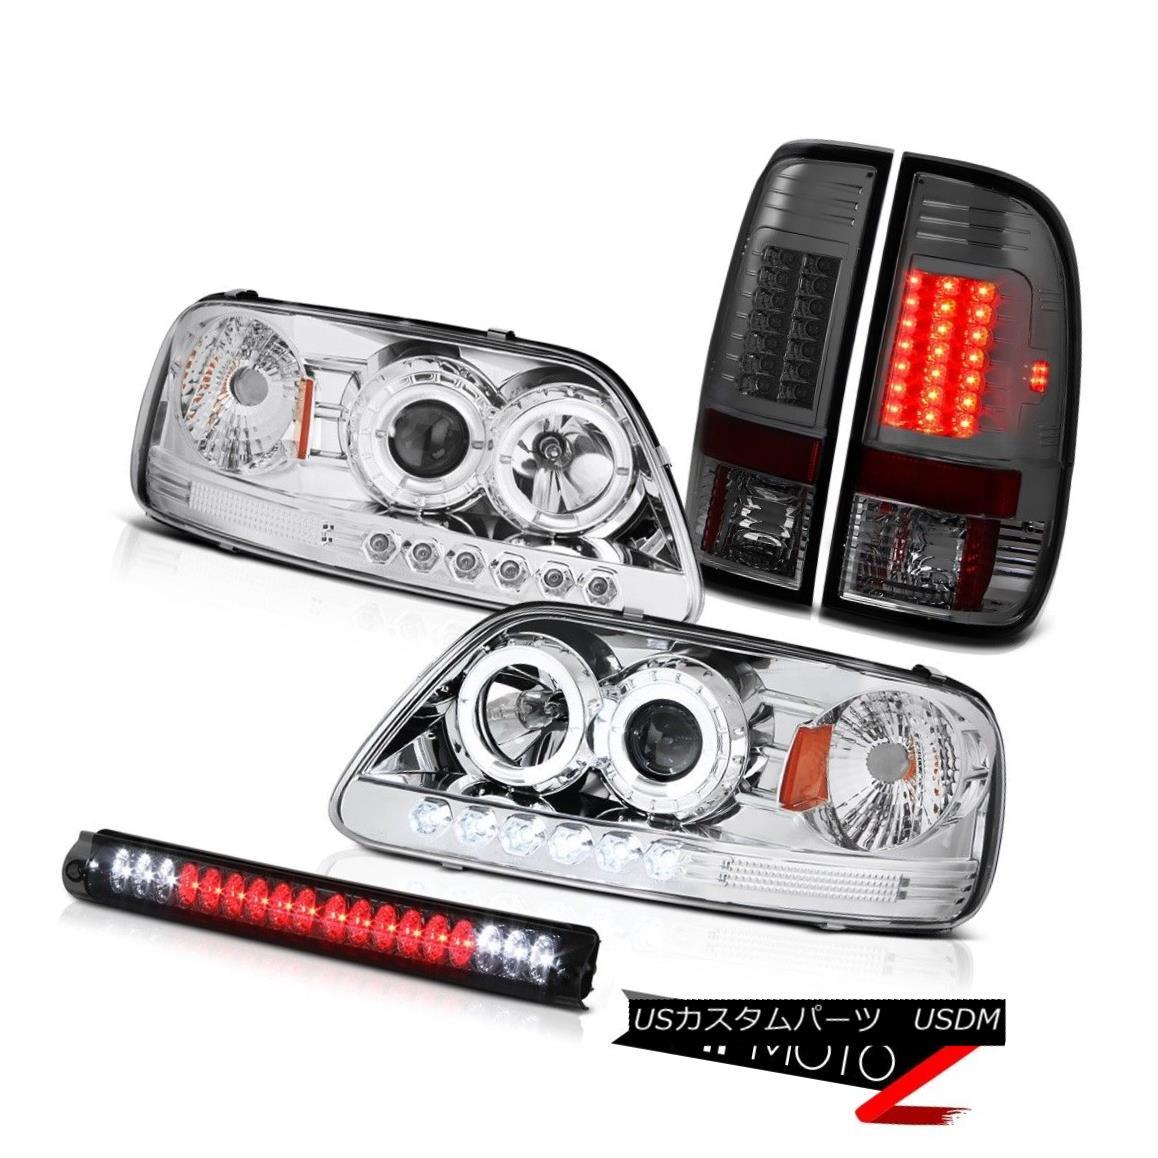 ヘッドライト Chrome Halo LED Headlights 97-03 F150 SVT Bulbs Tail Light Roof Brake Lamps Tint クロームハローLEDヘッドライト97-03 F150 SVT球根テールライトルーフブレーキランプ色合い